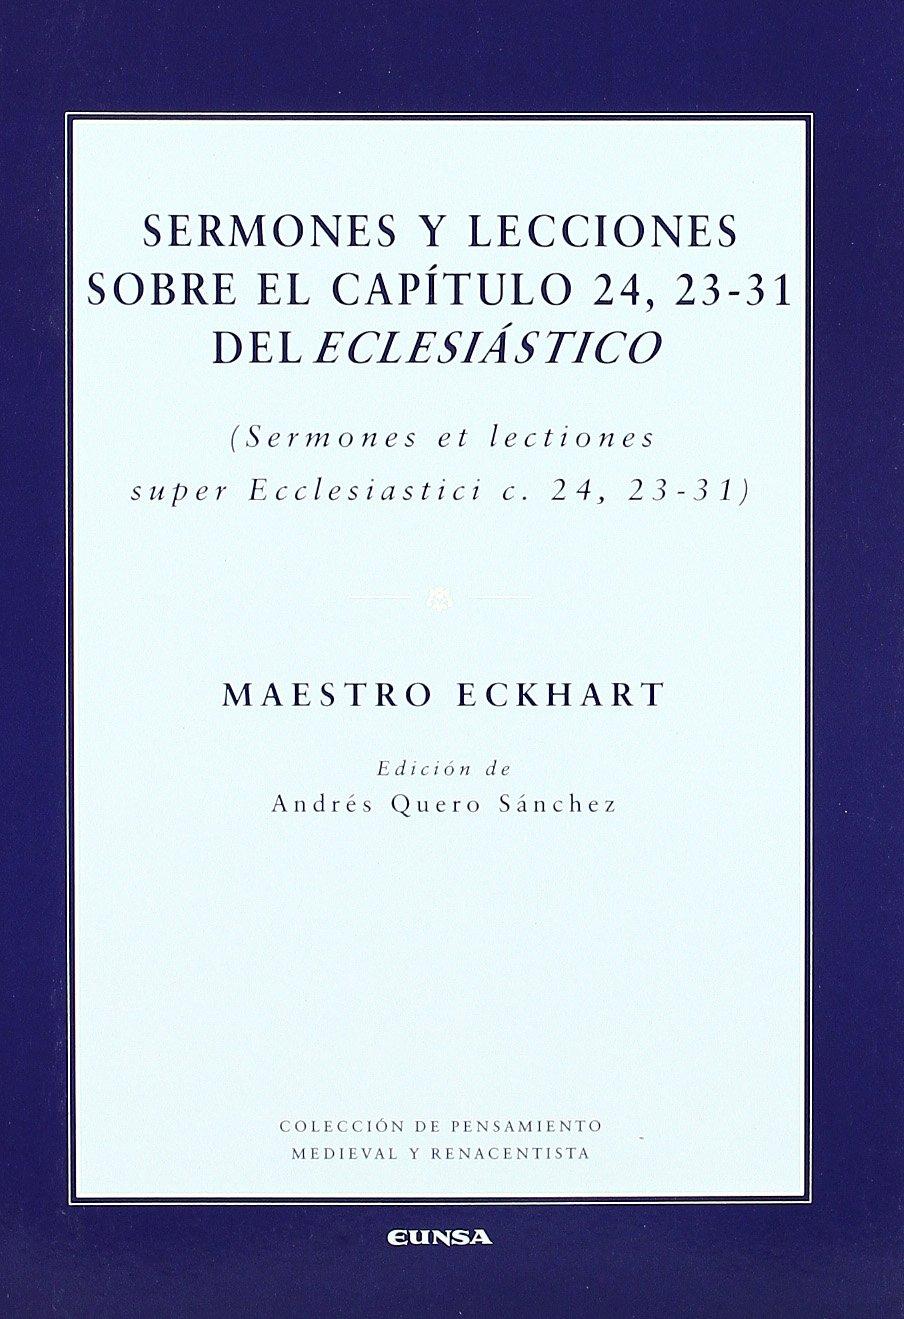 Read Online Sermones y lecciones sobre el capitulo 24, 23-31 del 'Eclesiastico' (Ed. bilingue) pdf